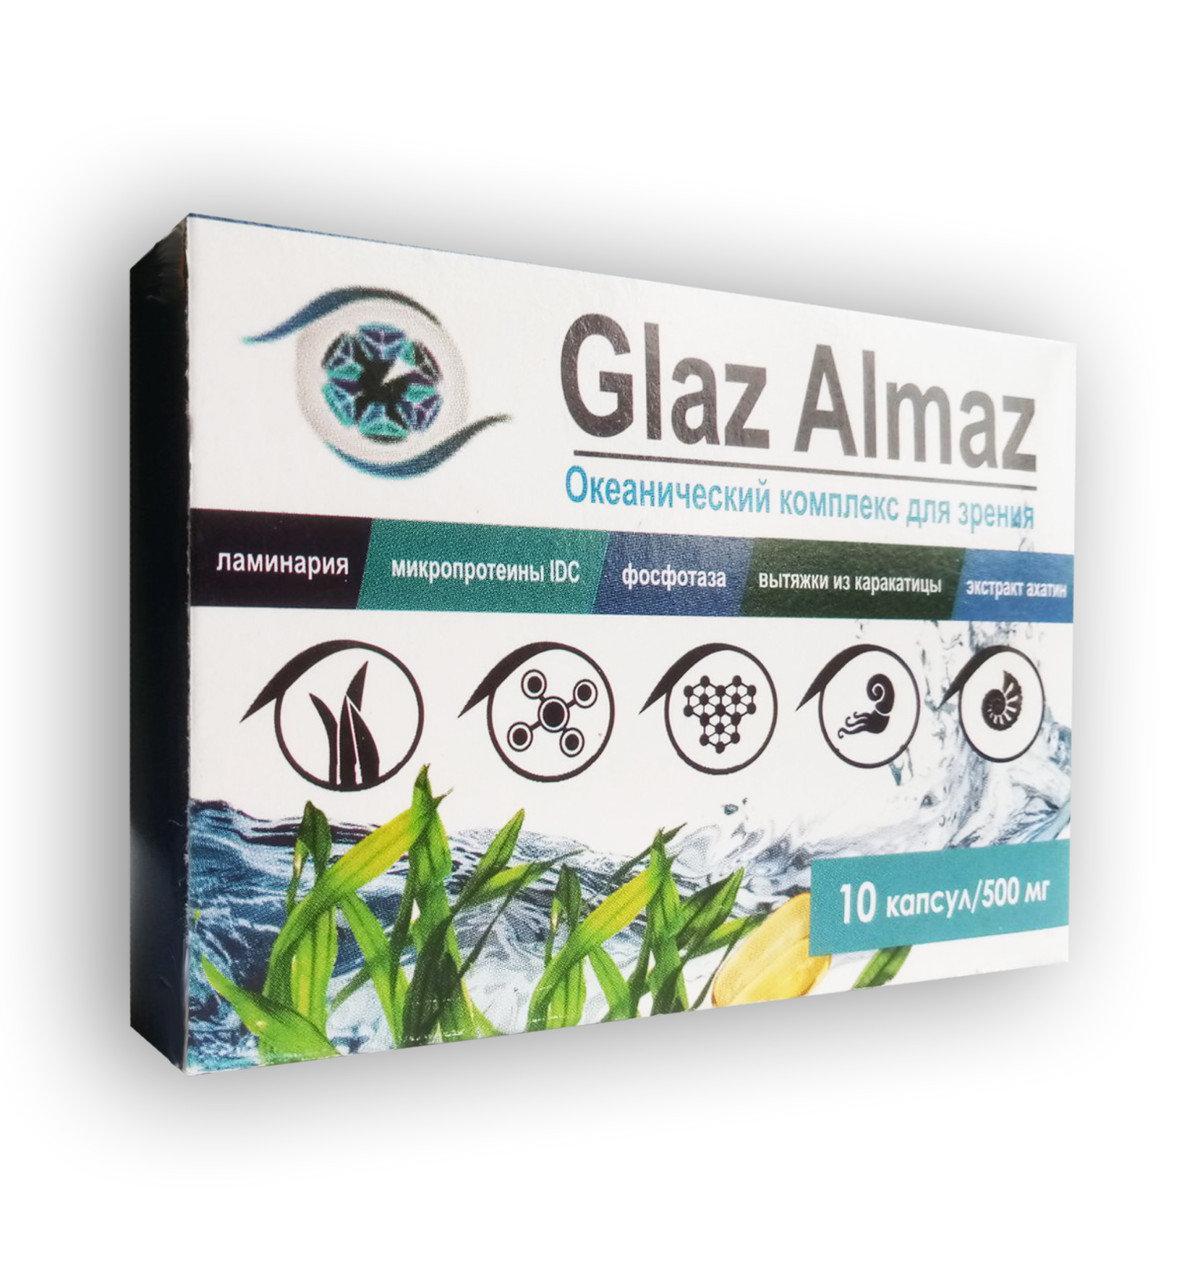 Glaz Almaz - Океанический комплекс для зрения - капсулы (Глаз Алмаз) ViP